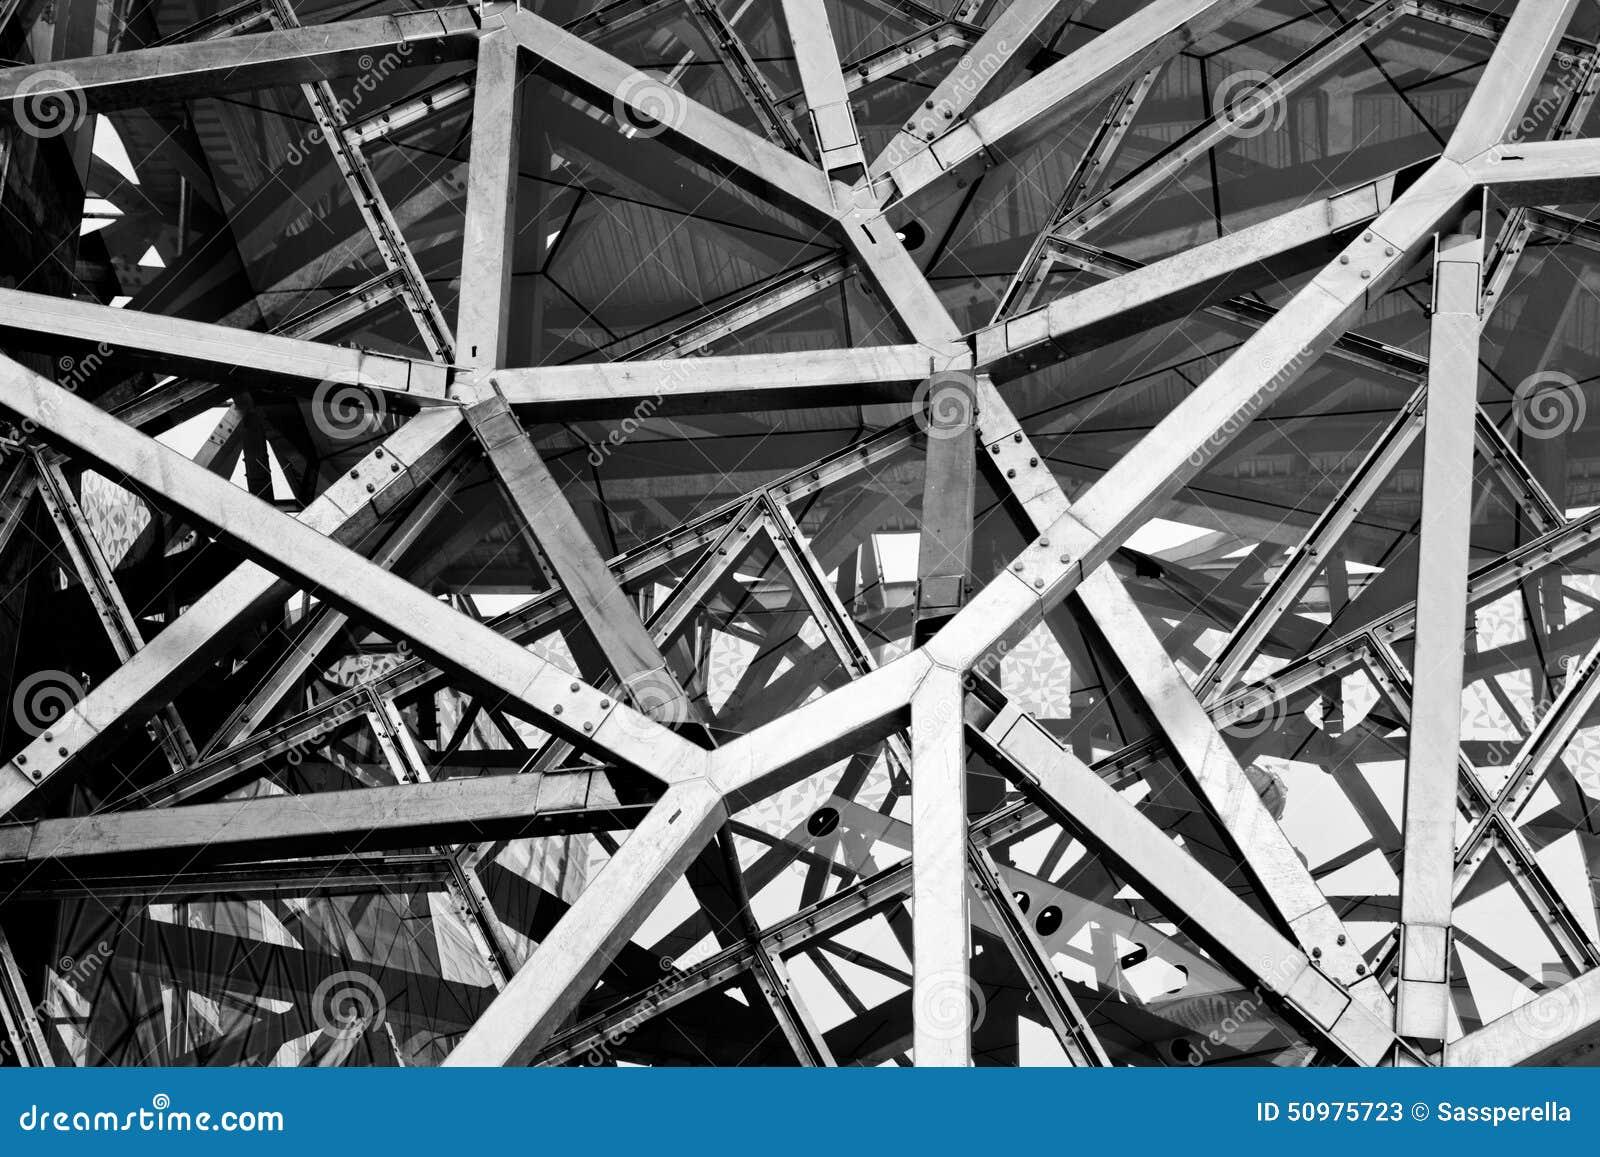 Federation Square architecture.